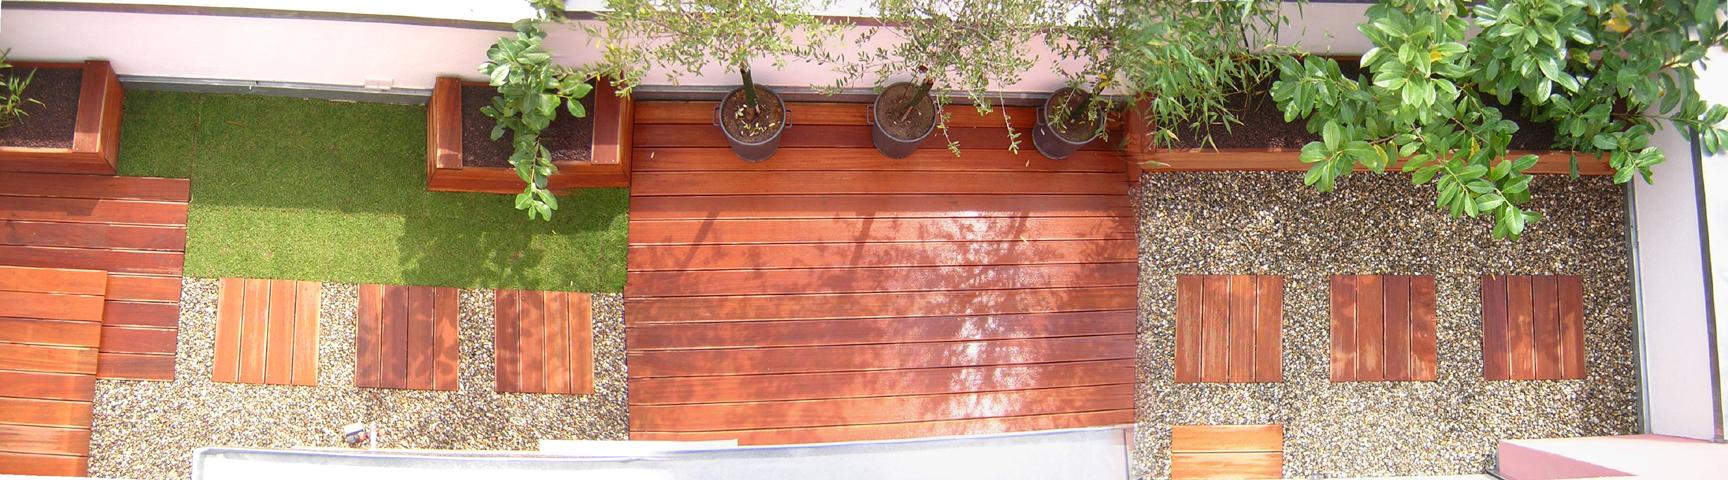 Lovely Holz  Und Gartengestaltung   Arbo Art, Garten Und Bauen Amazing Ideas